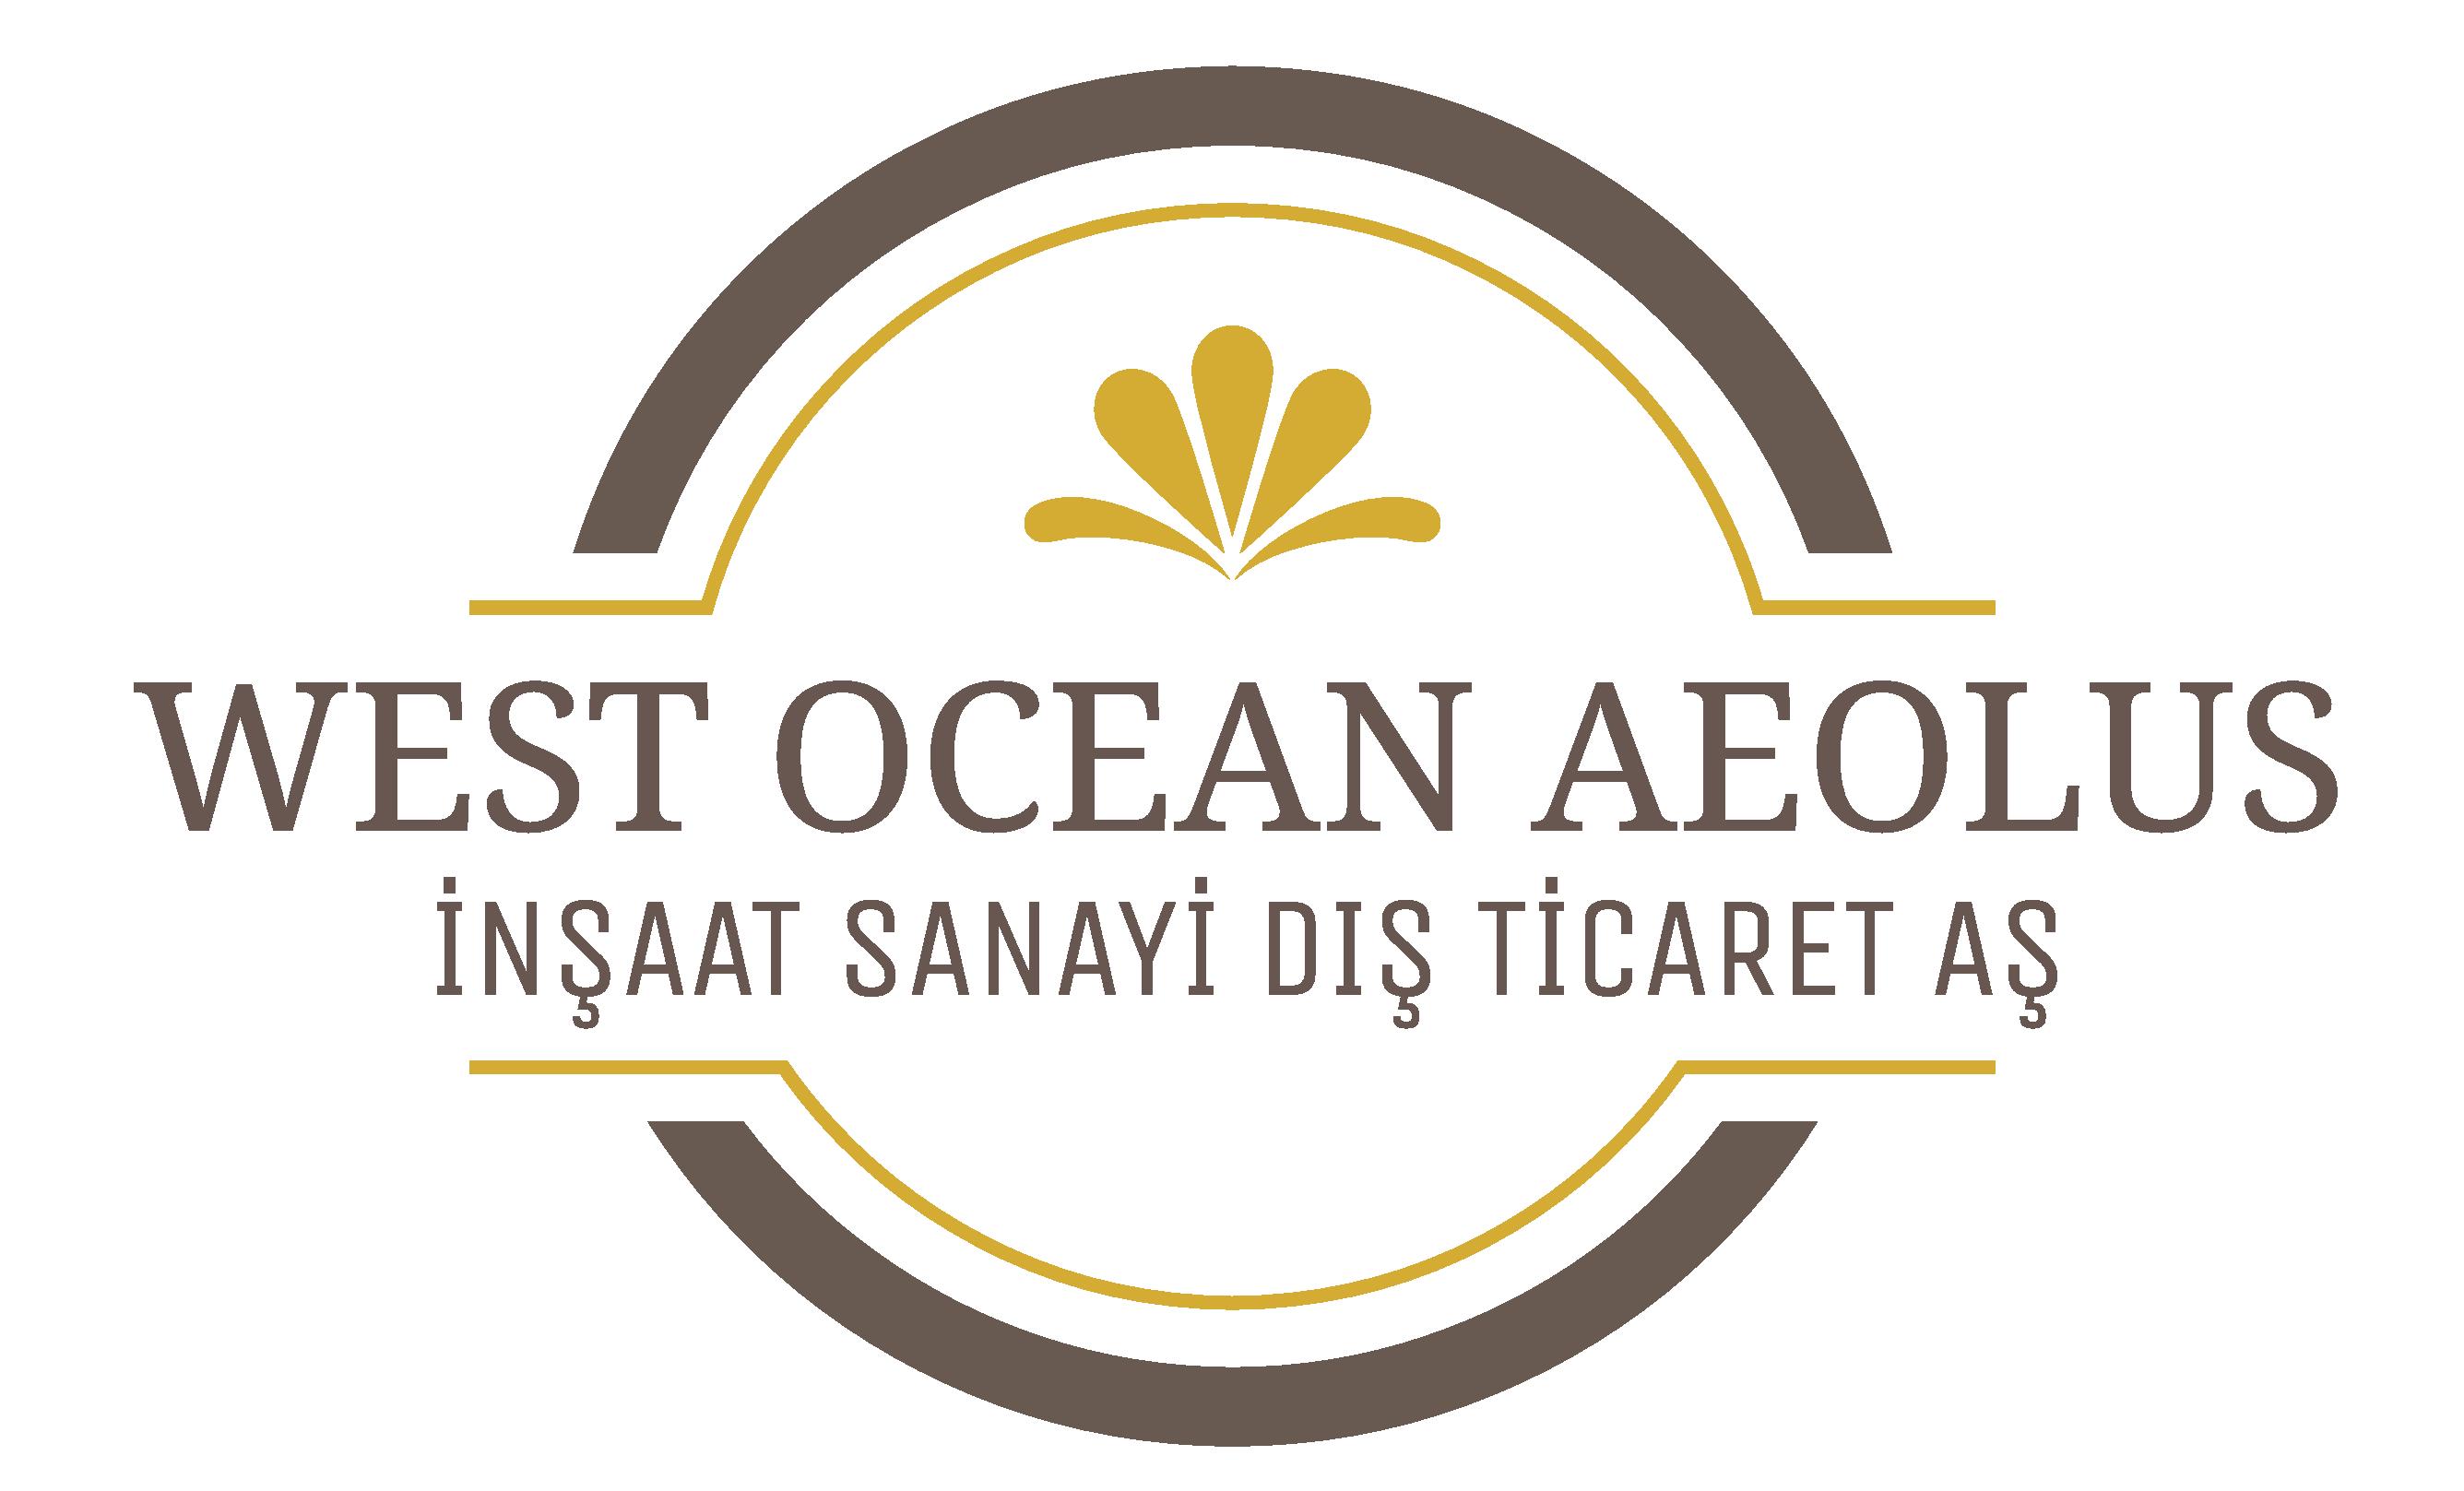 West Ocean Aeolus İnşaat Sanayi Ve Dış Ticaret (Görüntüler